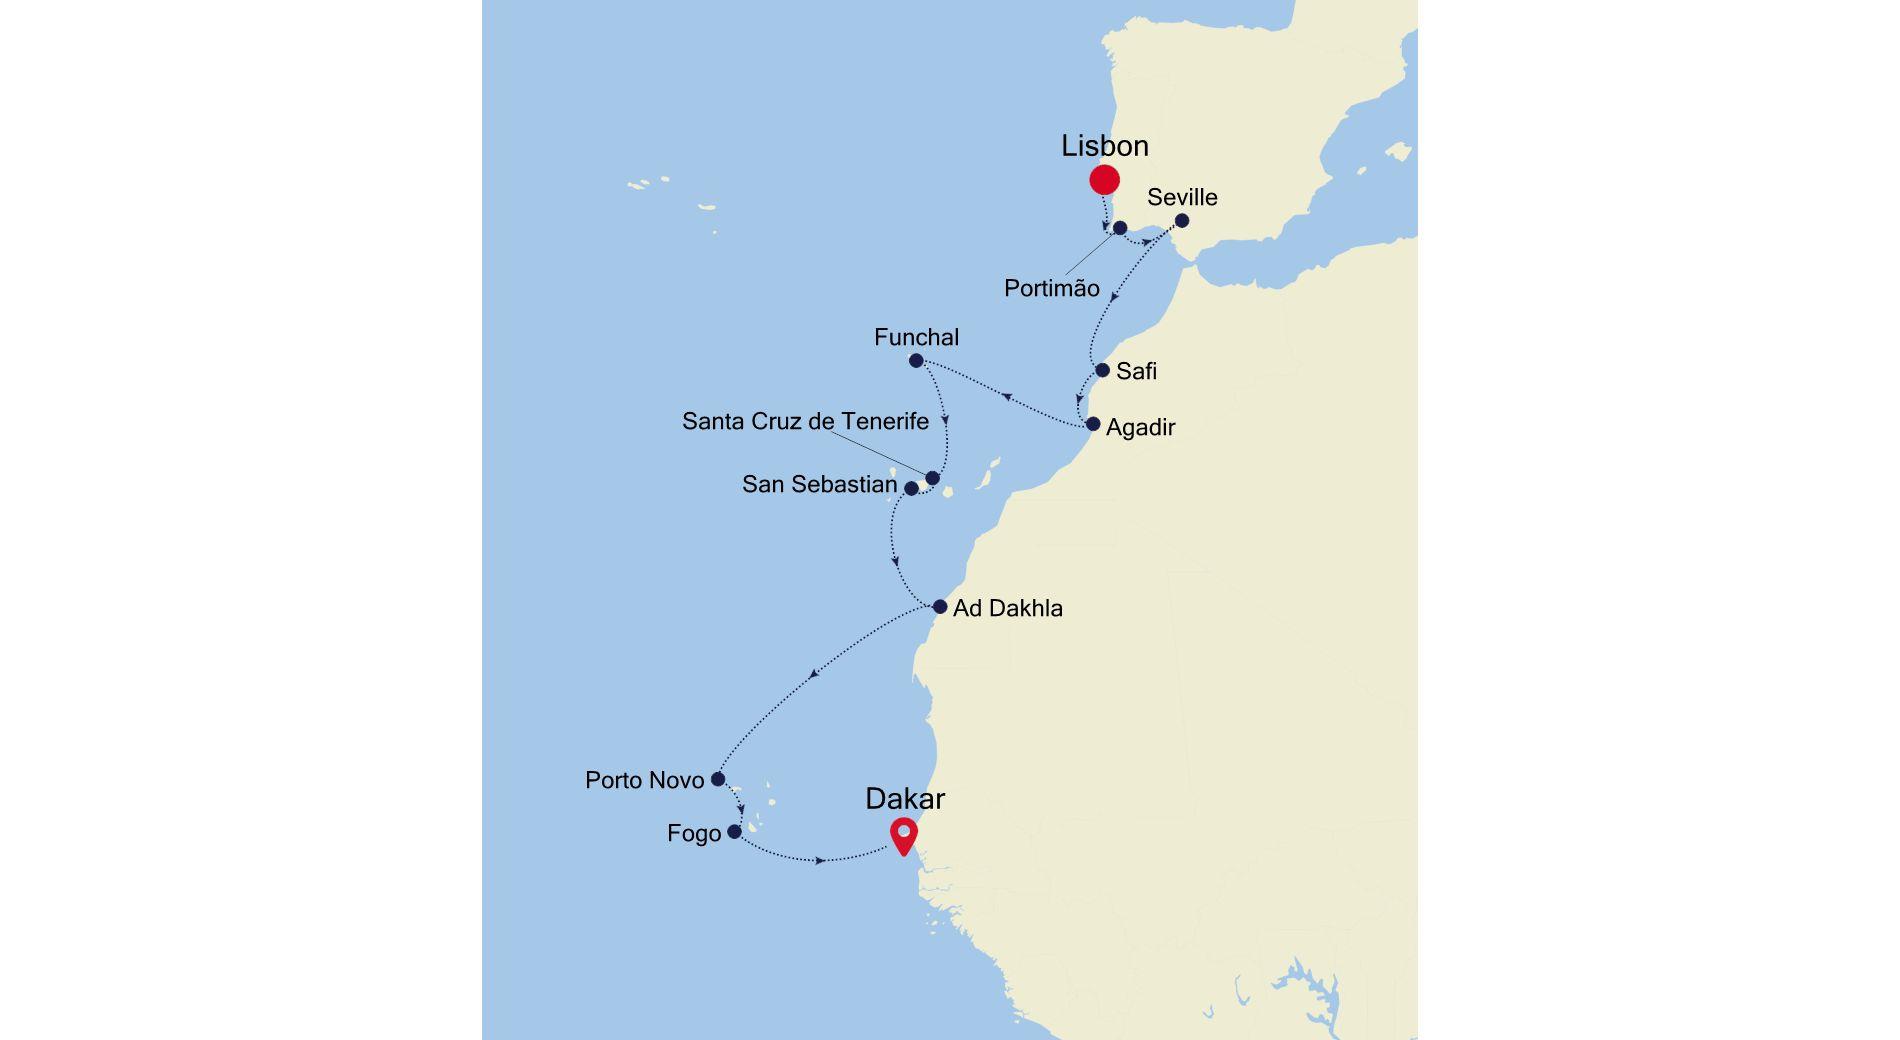 WI211012017 - Lisbon a Dakar